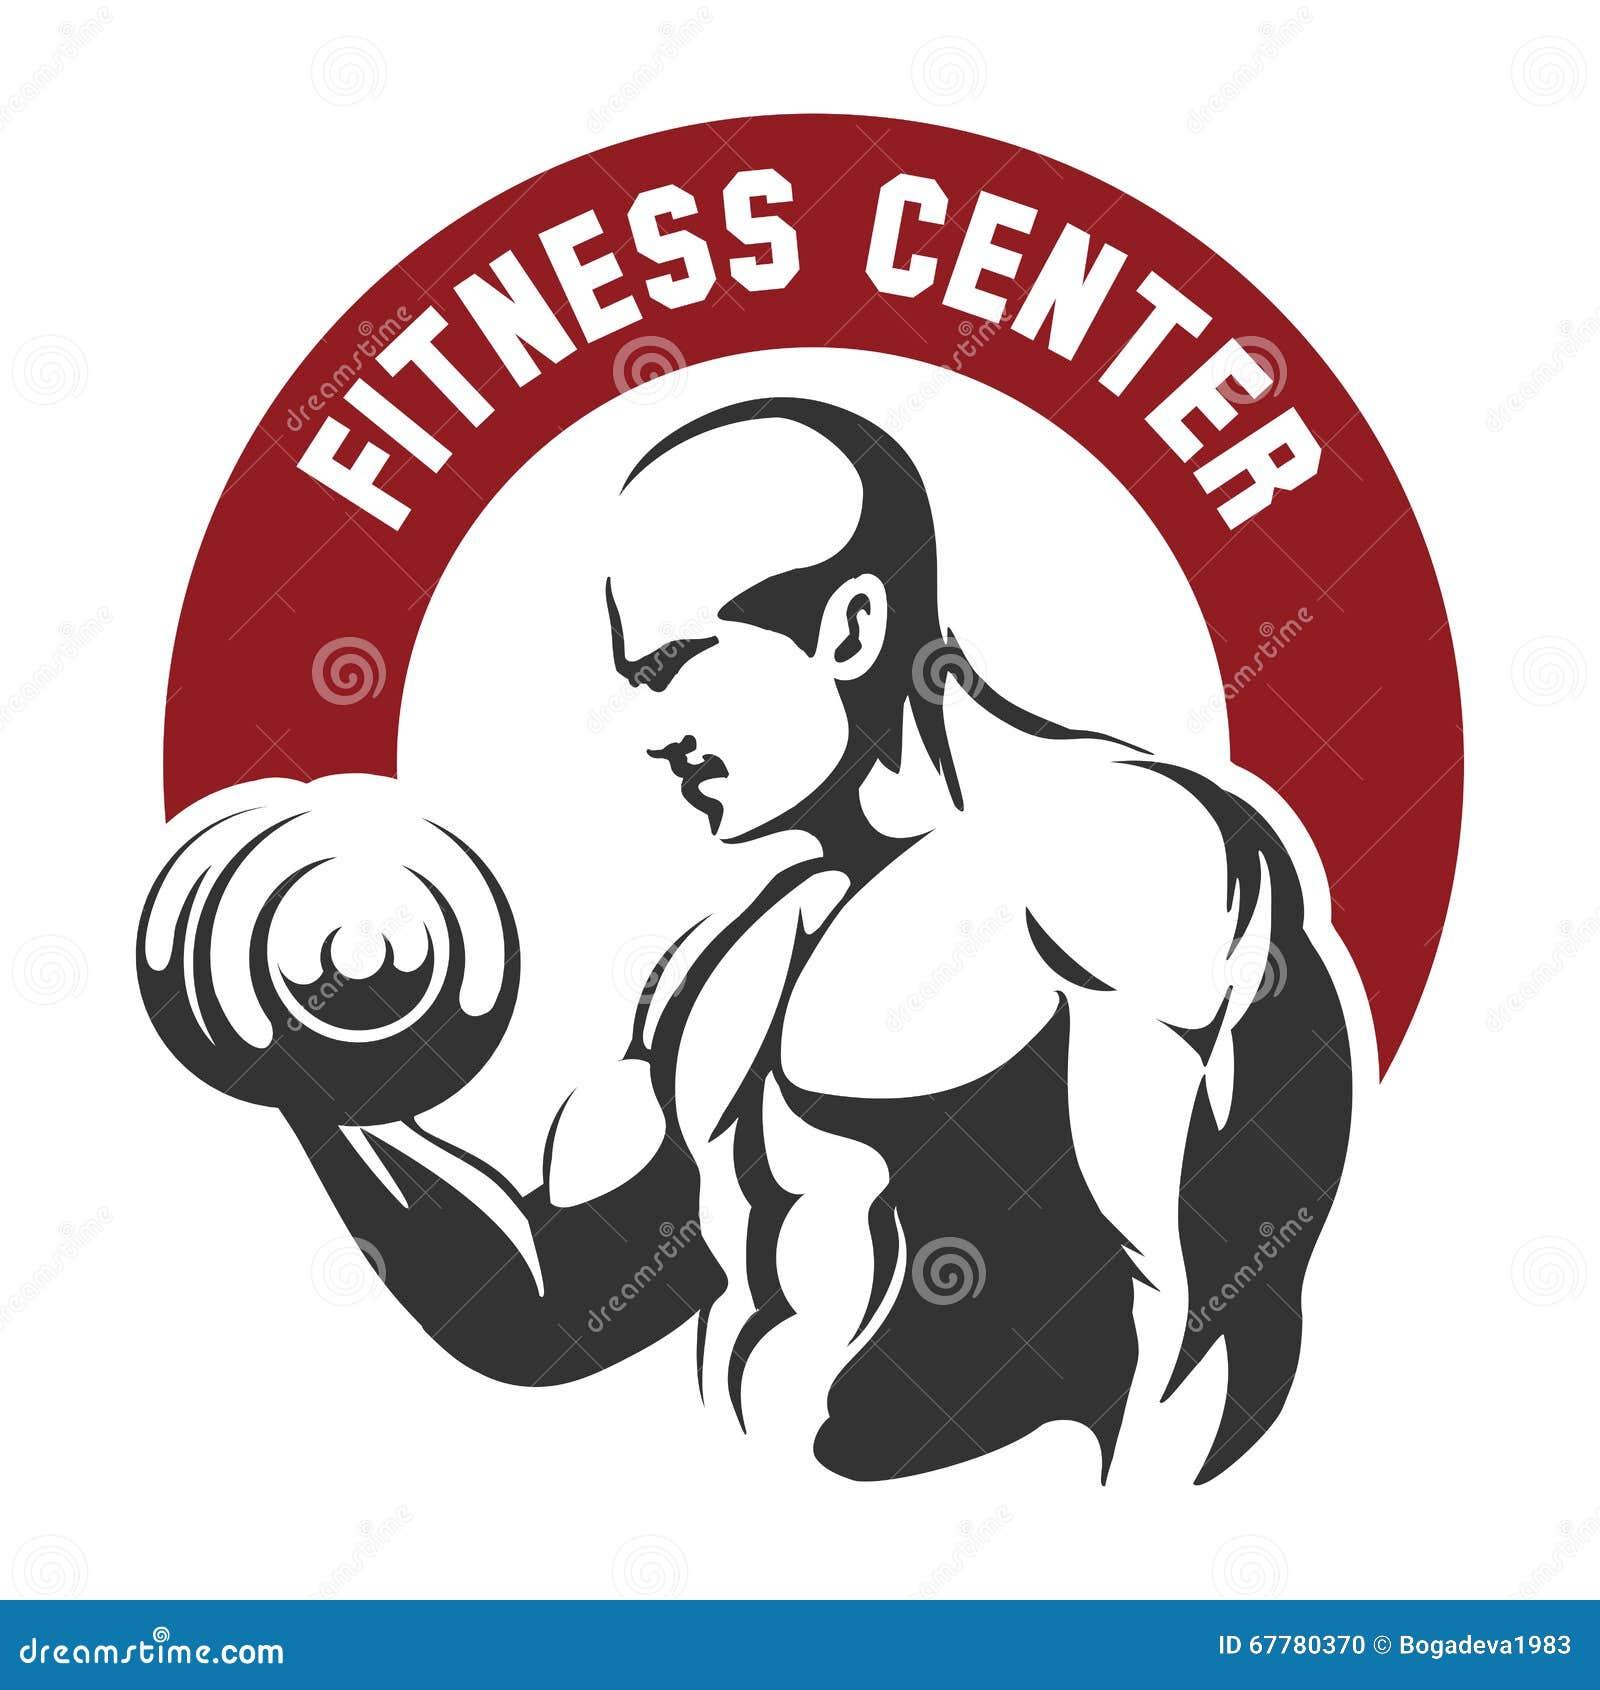 健身中心或健身房象征